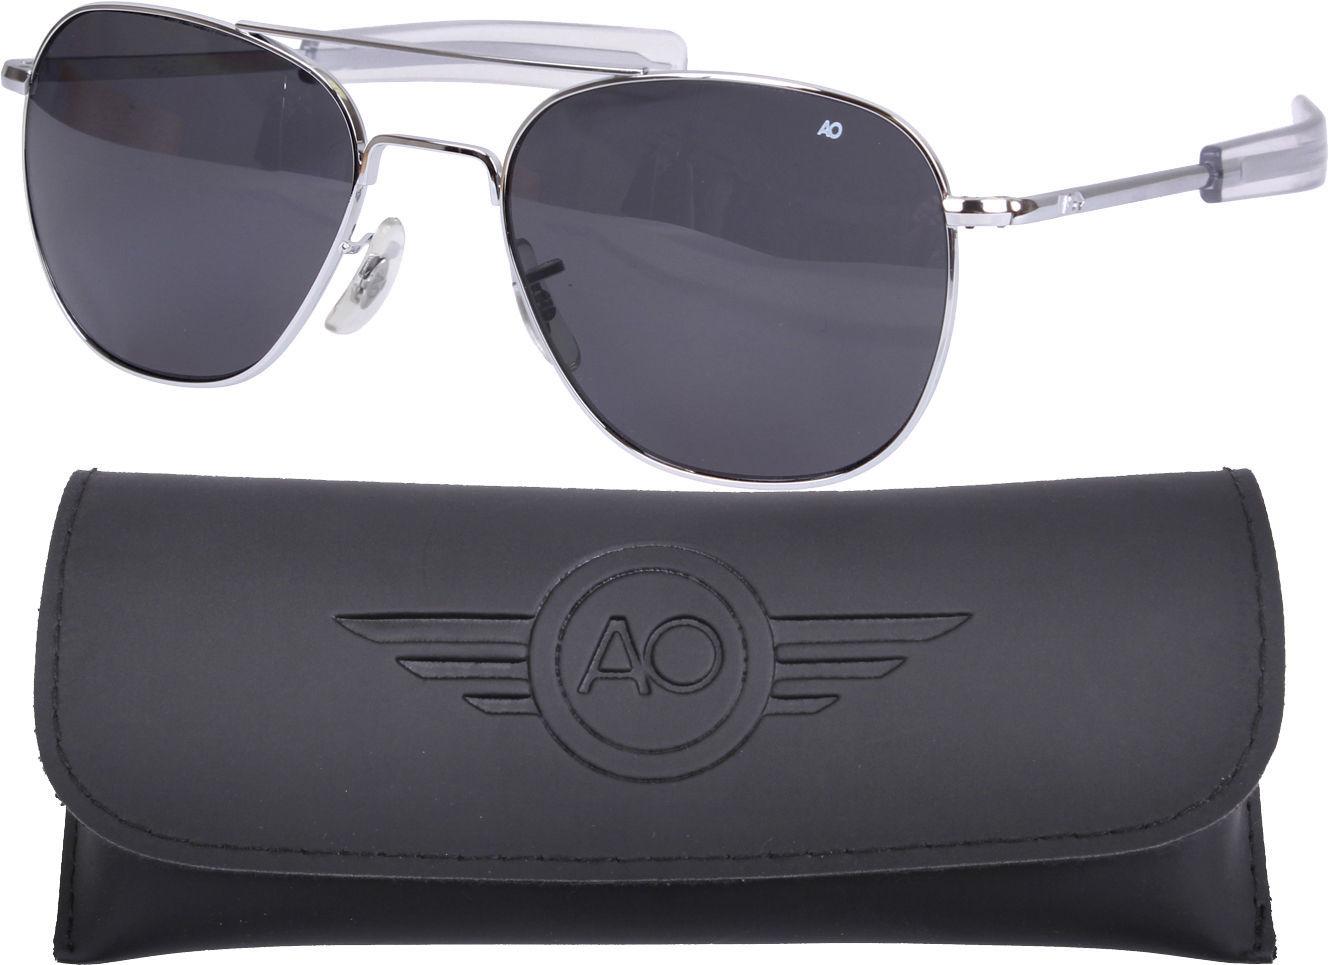 AO Eyewear Polarized Chrome 55mm Air Force and 13 similar items 223e770080c